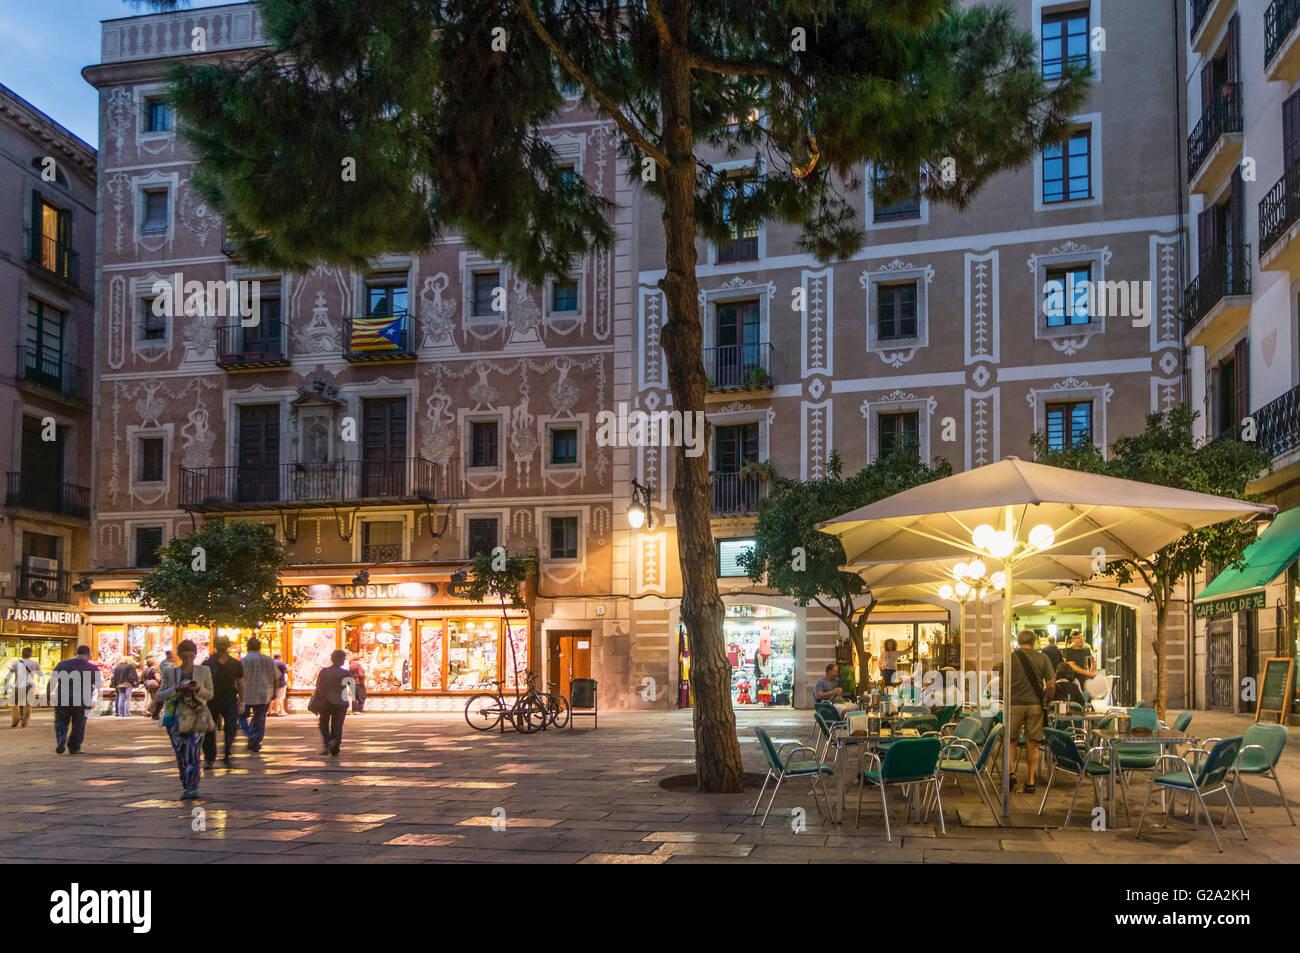 El Barri Gòtic, Cuadrado, arquitectura con ornamentos, Street cafe, Barcelona Imagen De Stock